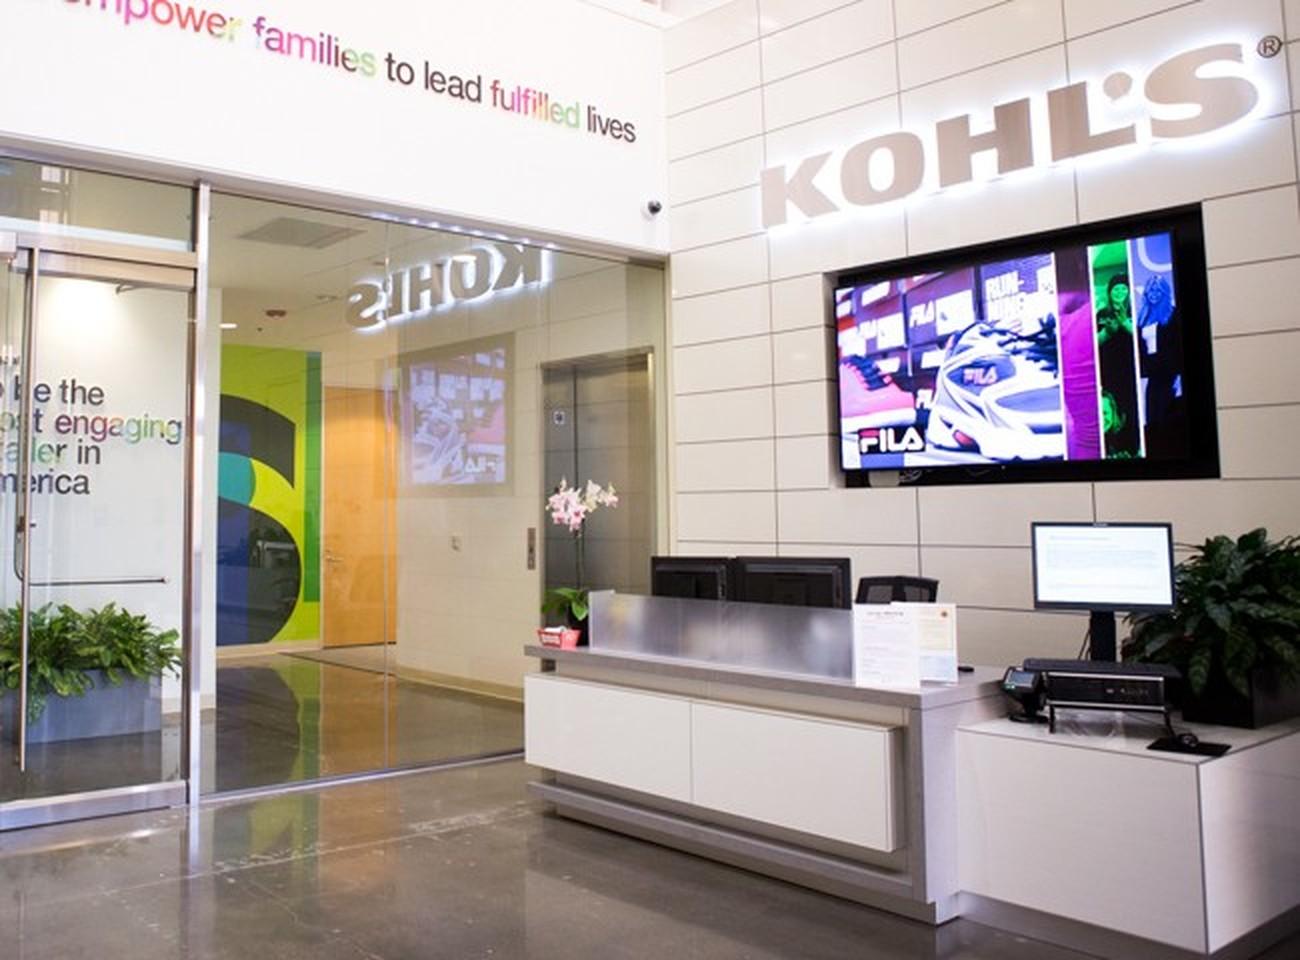 Kohl's Careers